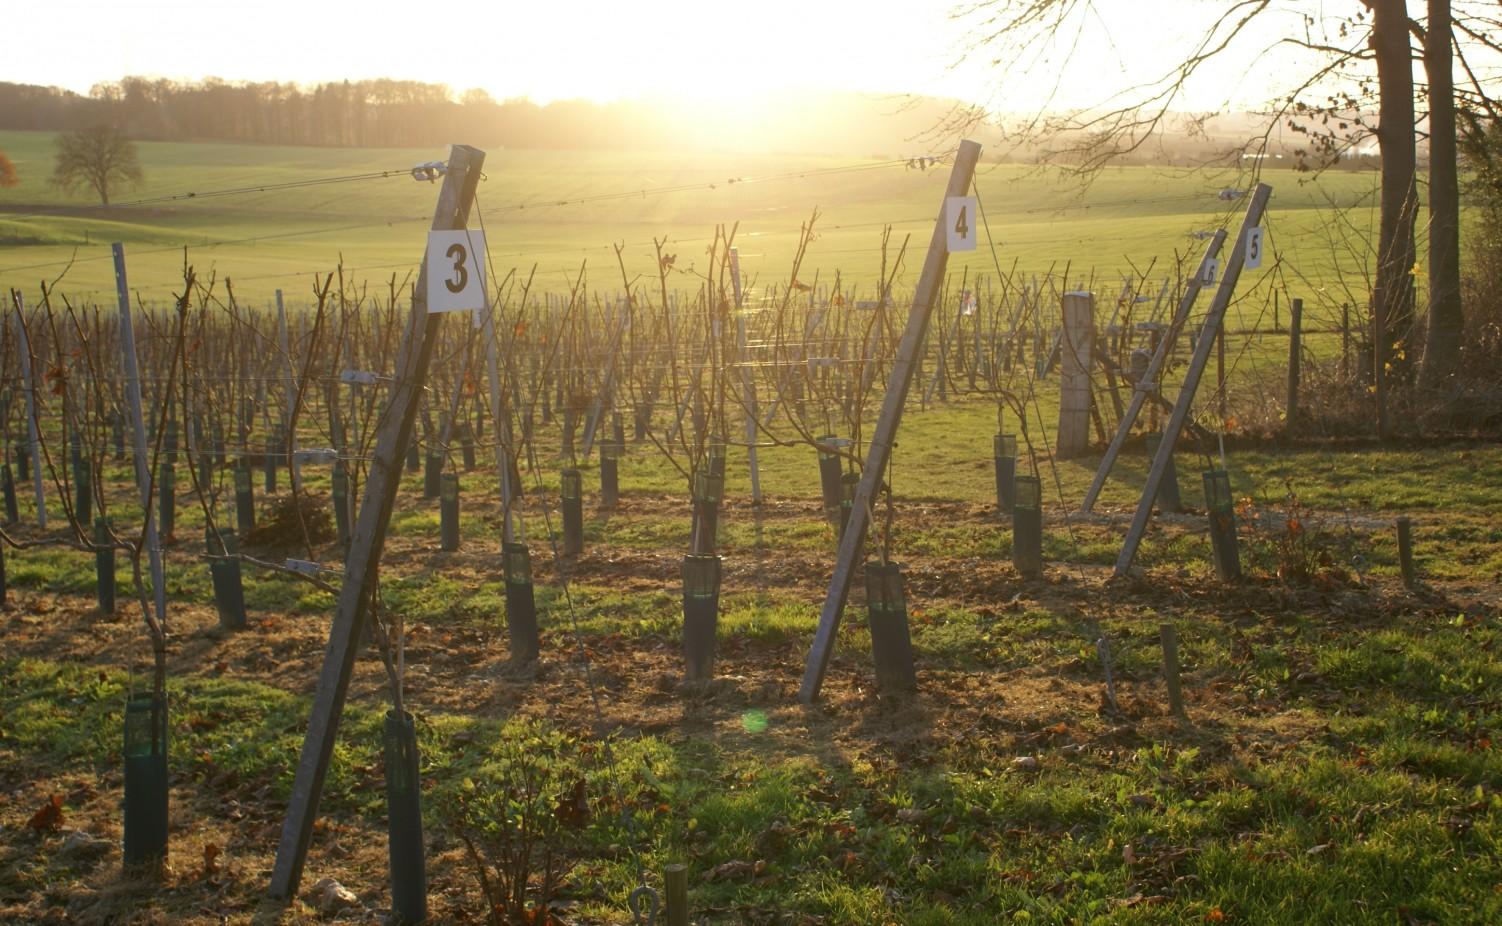 De zon zakt achterin de wijngaard...